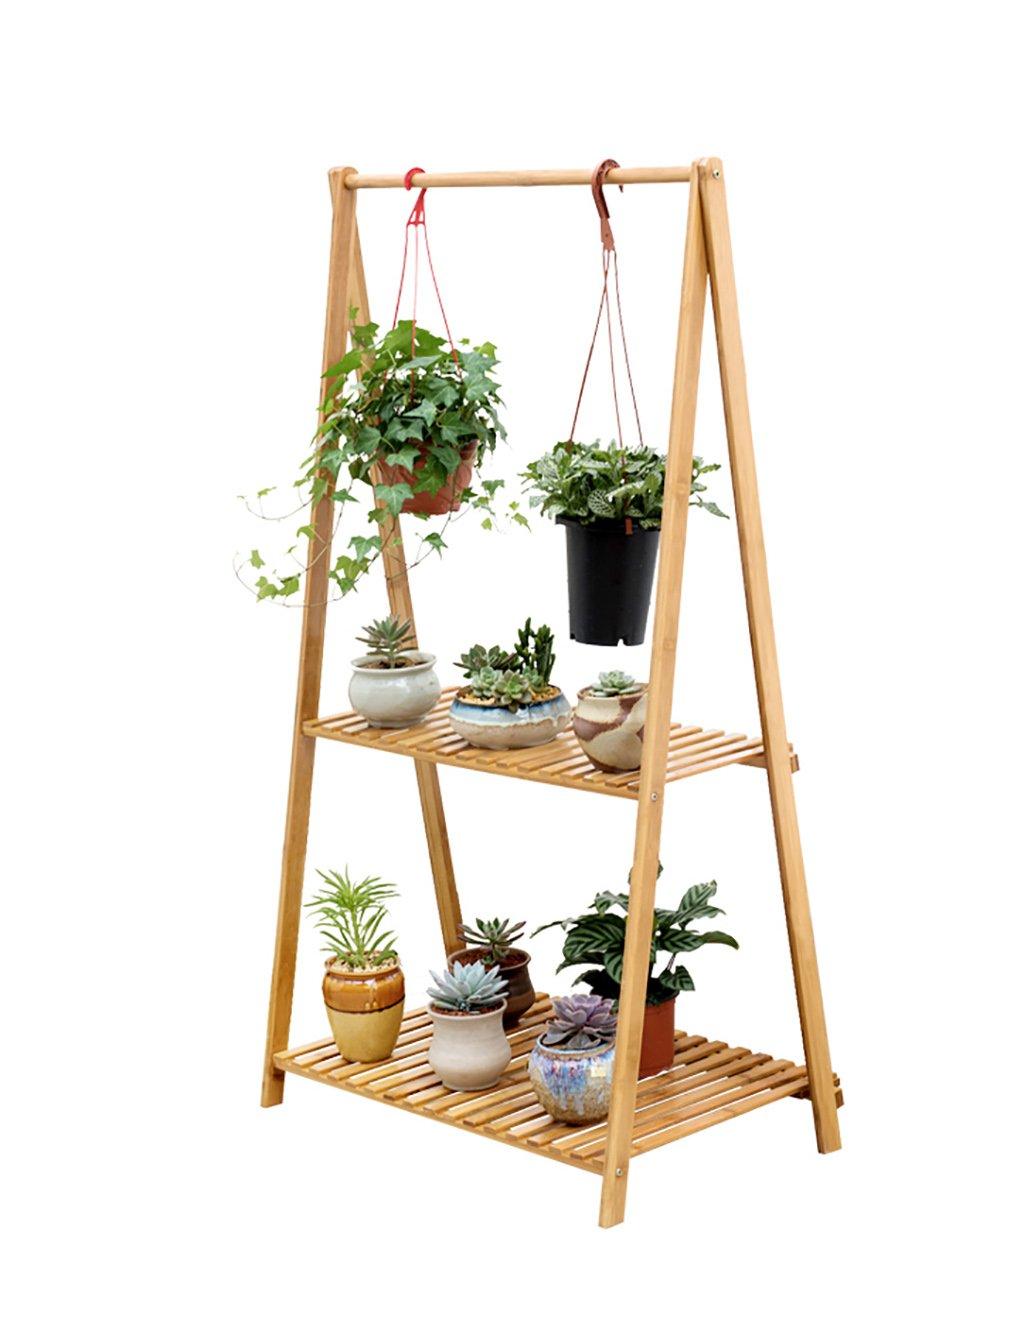 LB huajia ZHANWEI Gefaltete Blumenregal Kreative Bambus Mehrgeschossige Blumenregal Einfache Balkon Blumentopf Blumenregal (größe : L*W*H: 70 * 43 * 129cm)